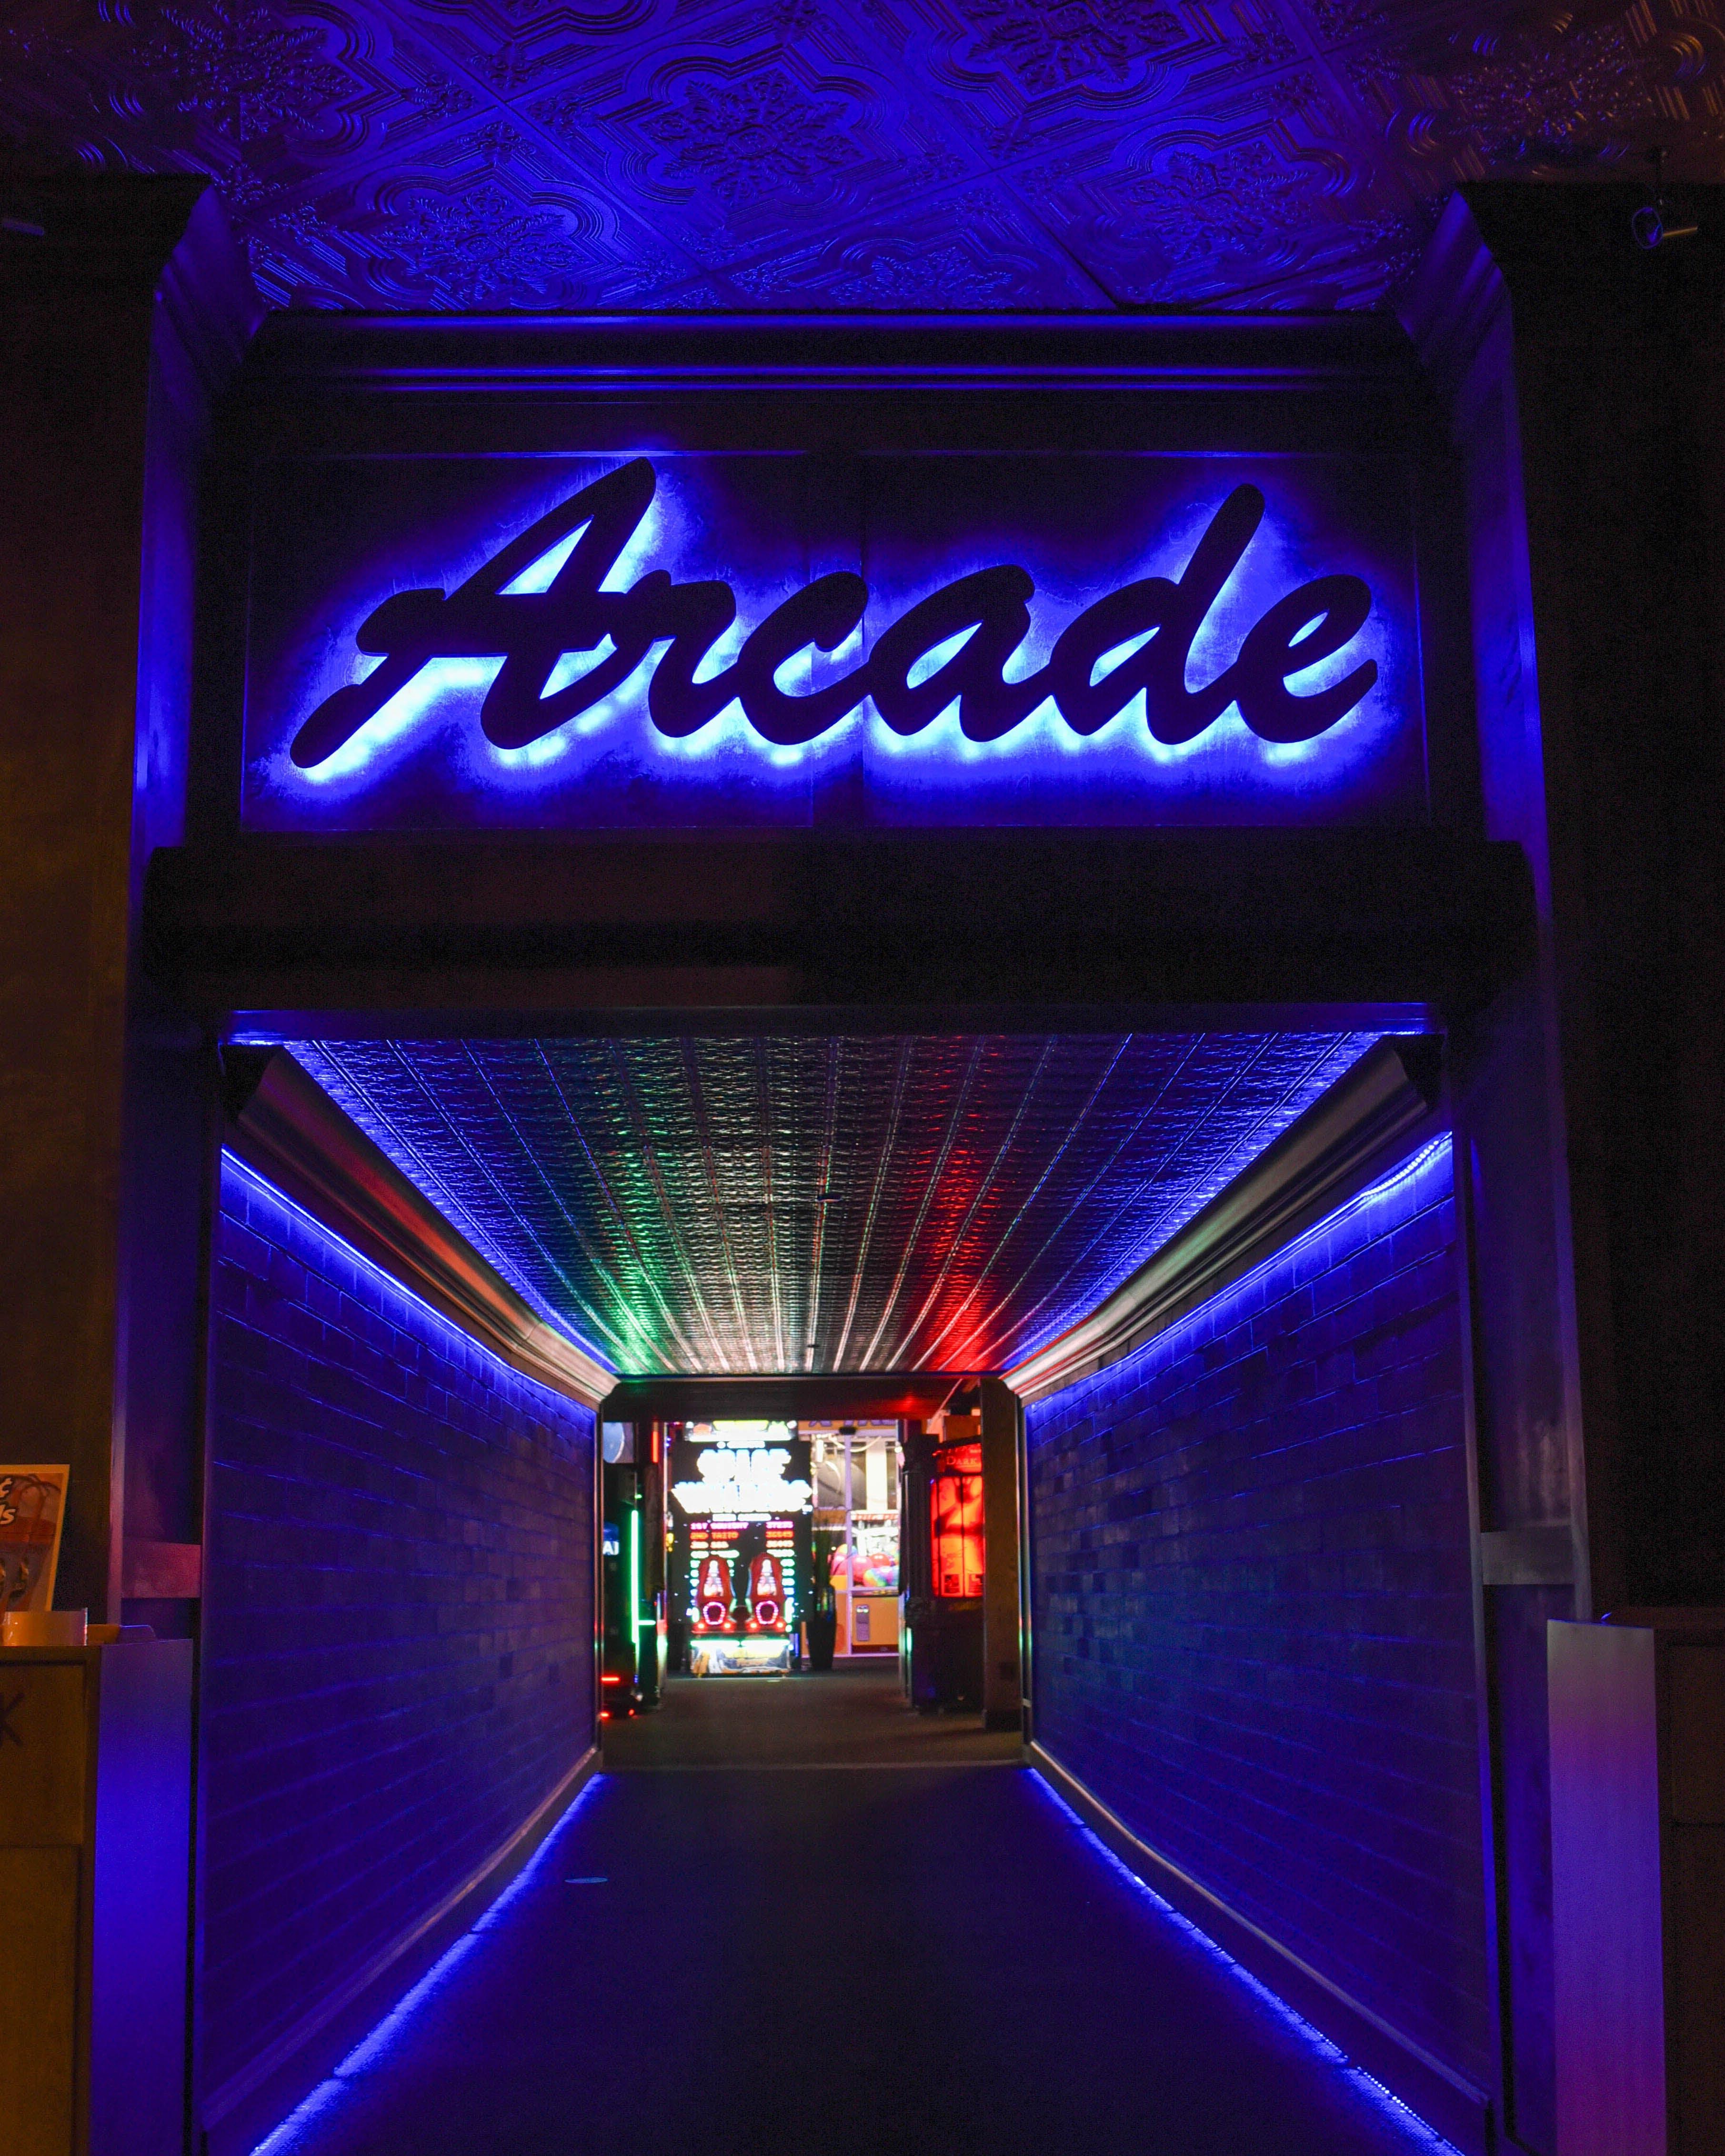 Arcade Facade